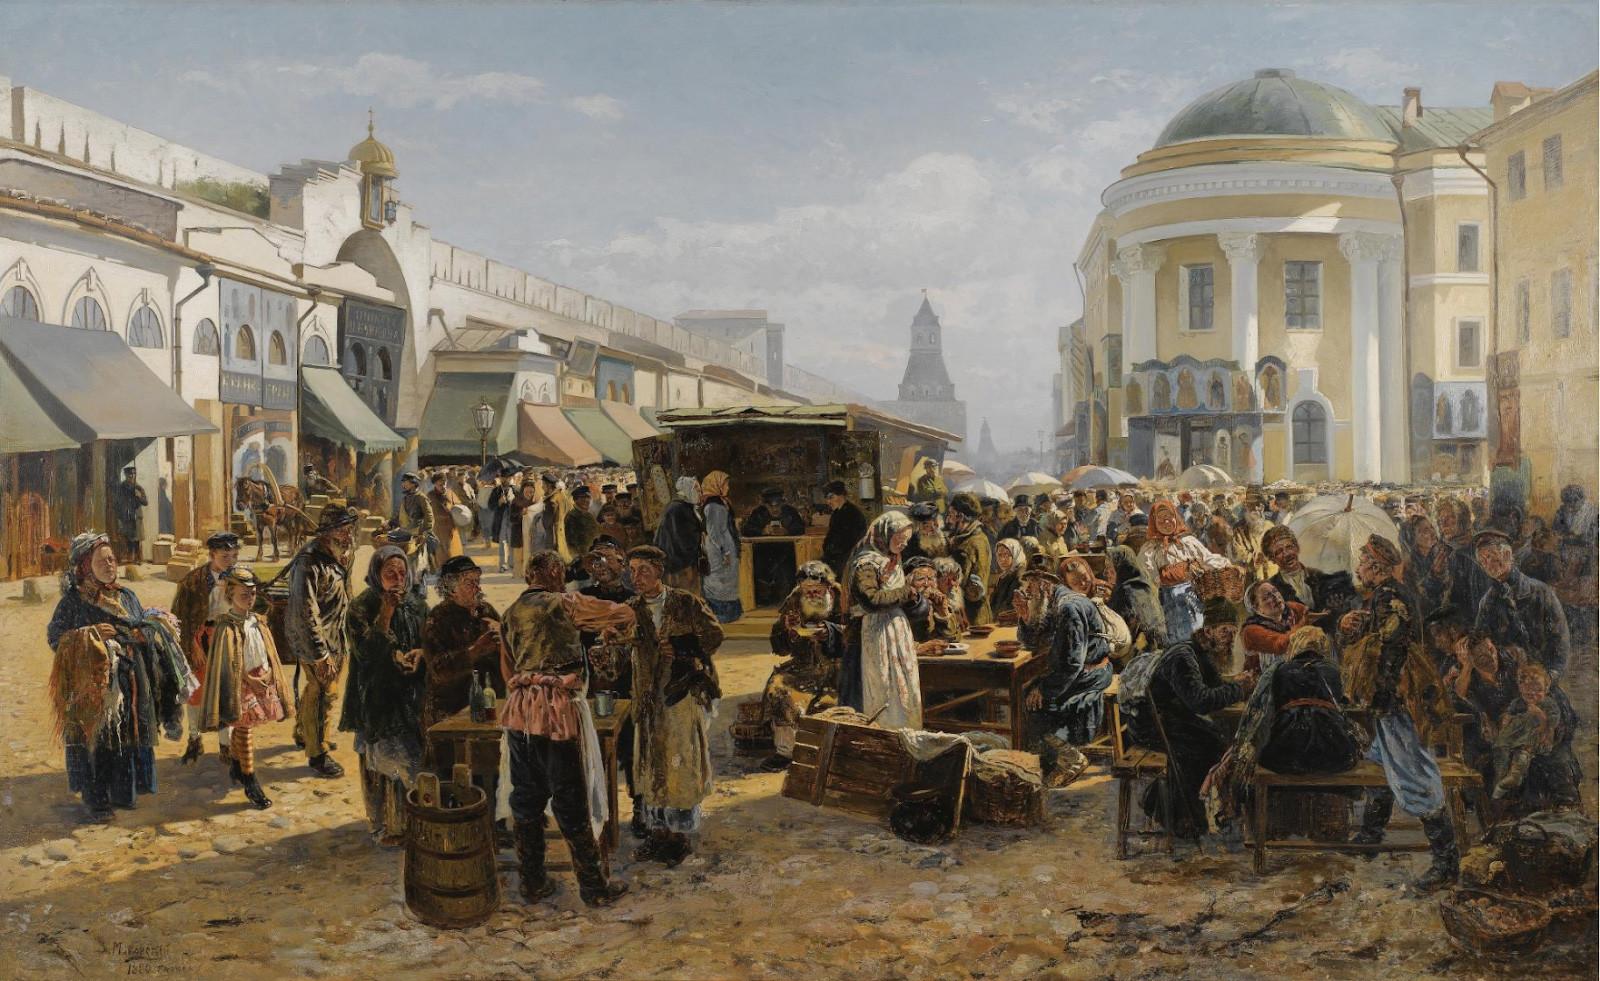 ウラジーミル・マコフスキー、モスクワの蚤の市、1880年